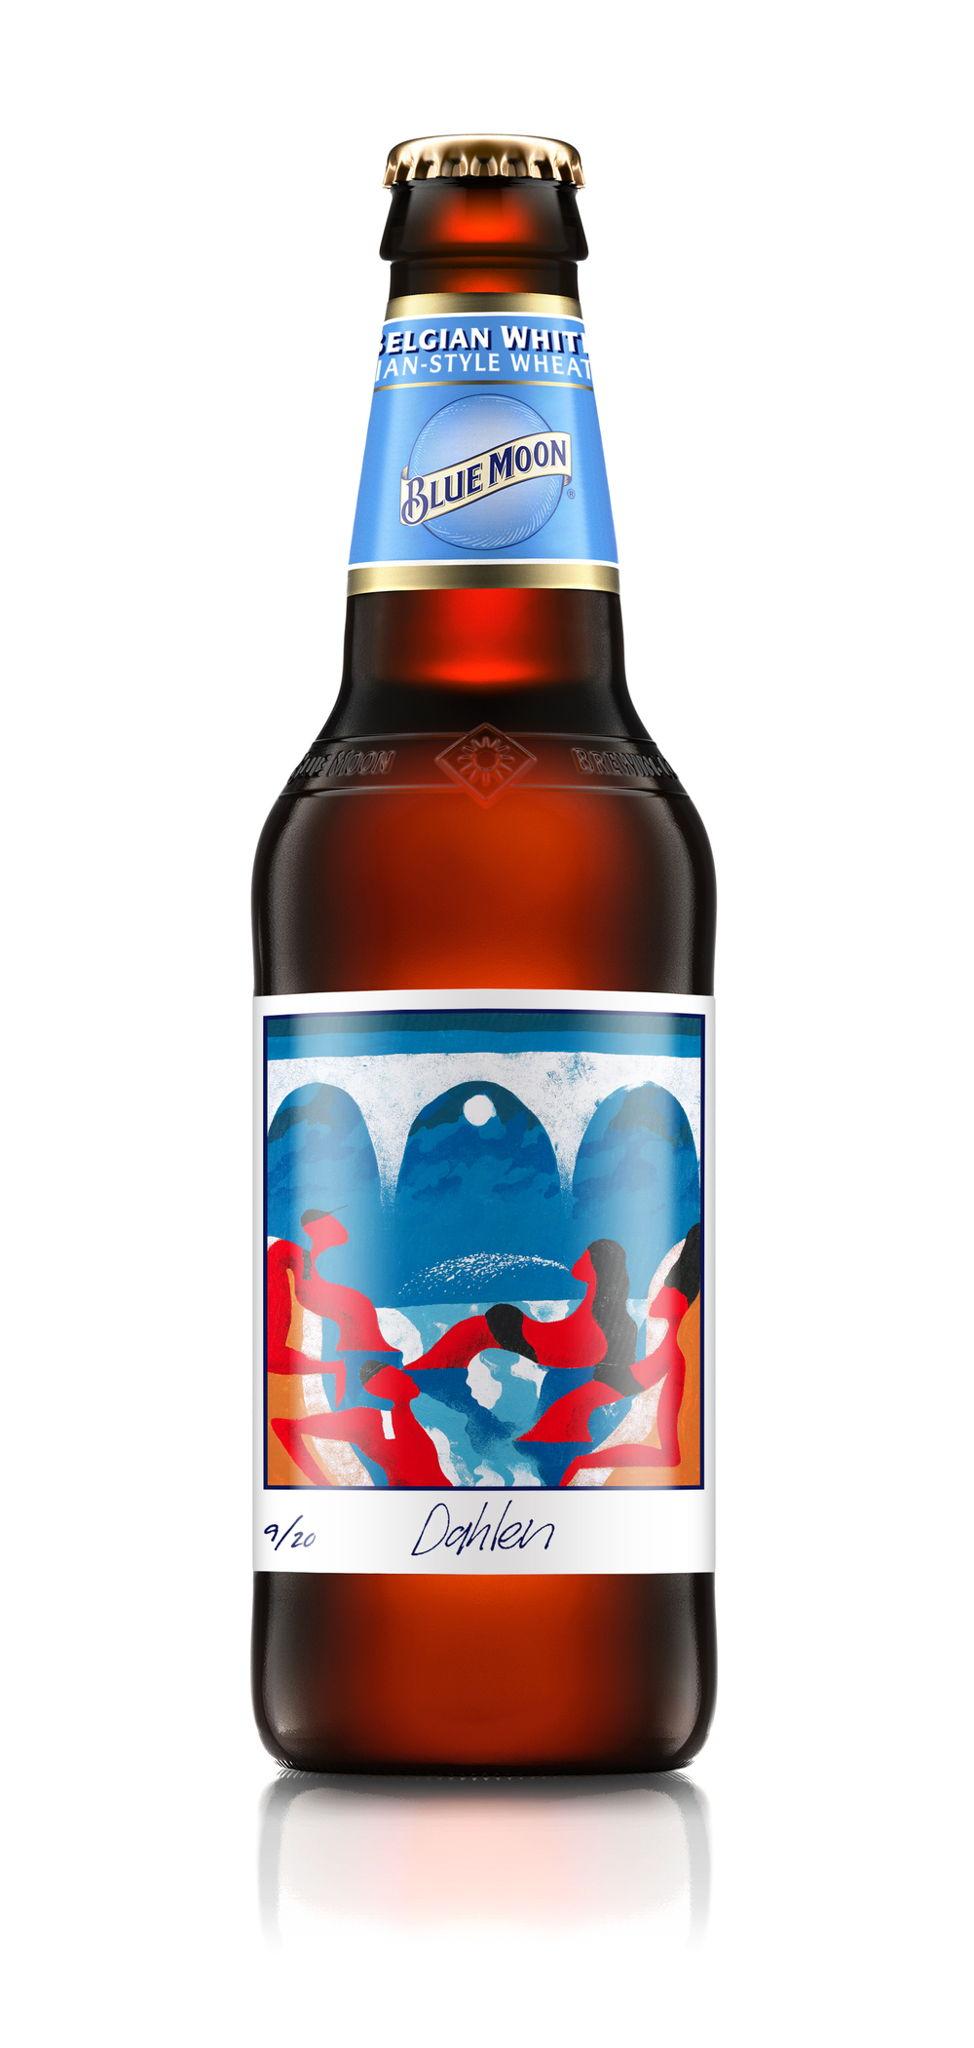 BMO-195A_Bottle_12z_Render_NickDahlen_150401_FJ.jpg